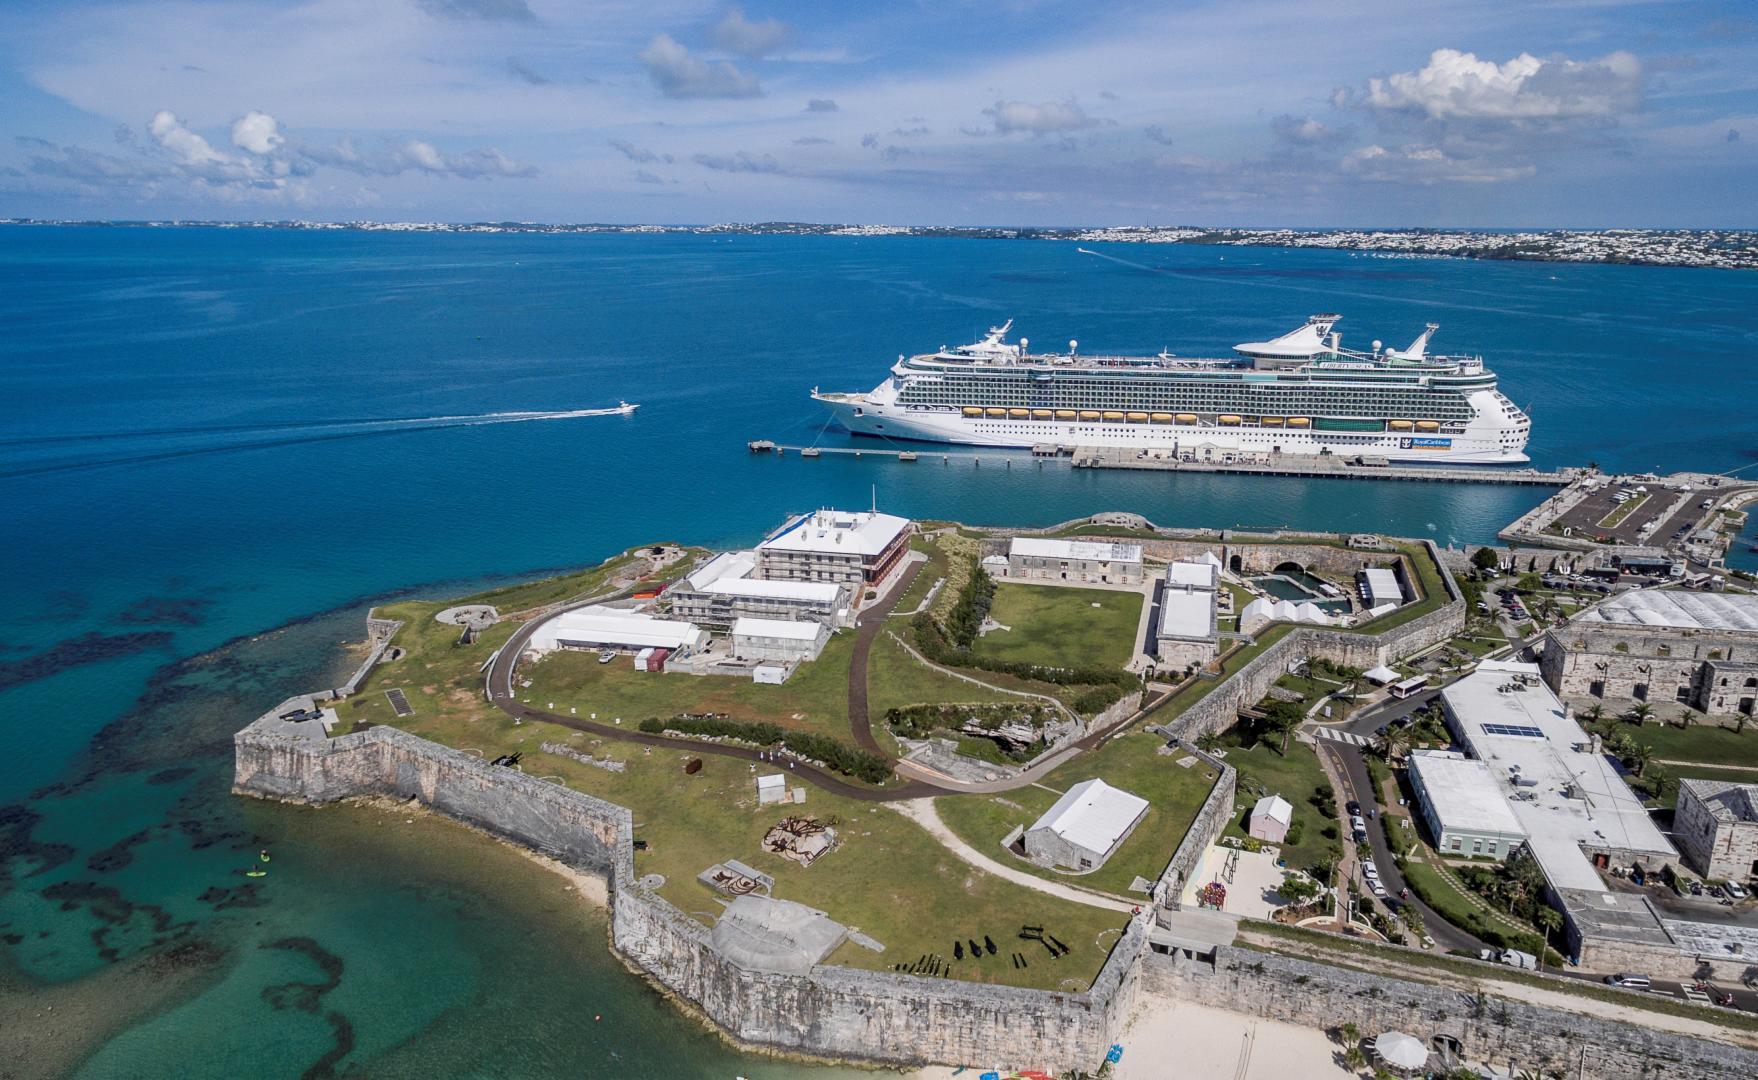 RCL_SHX_Bermuda_Aerial_09